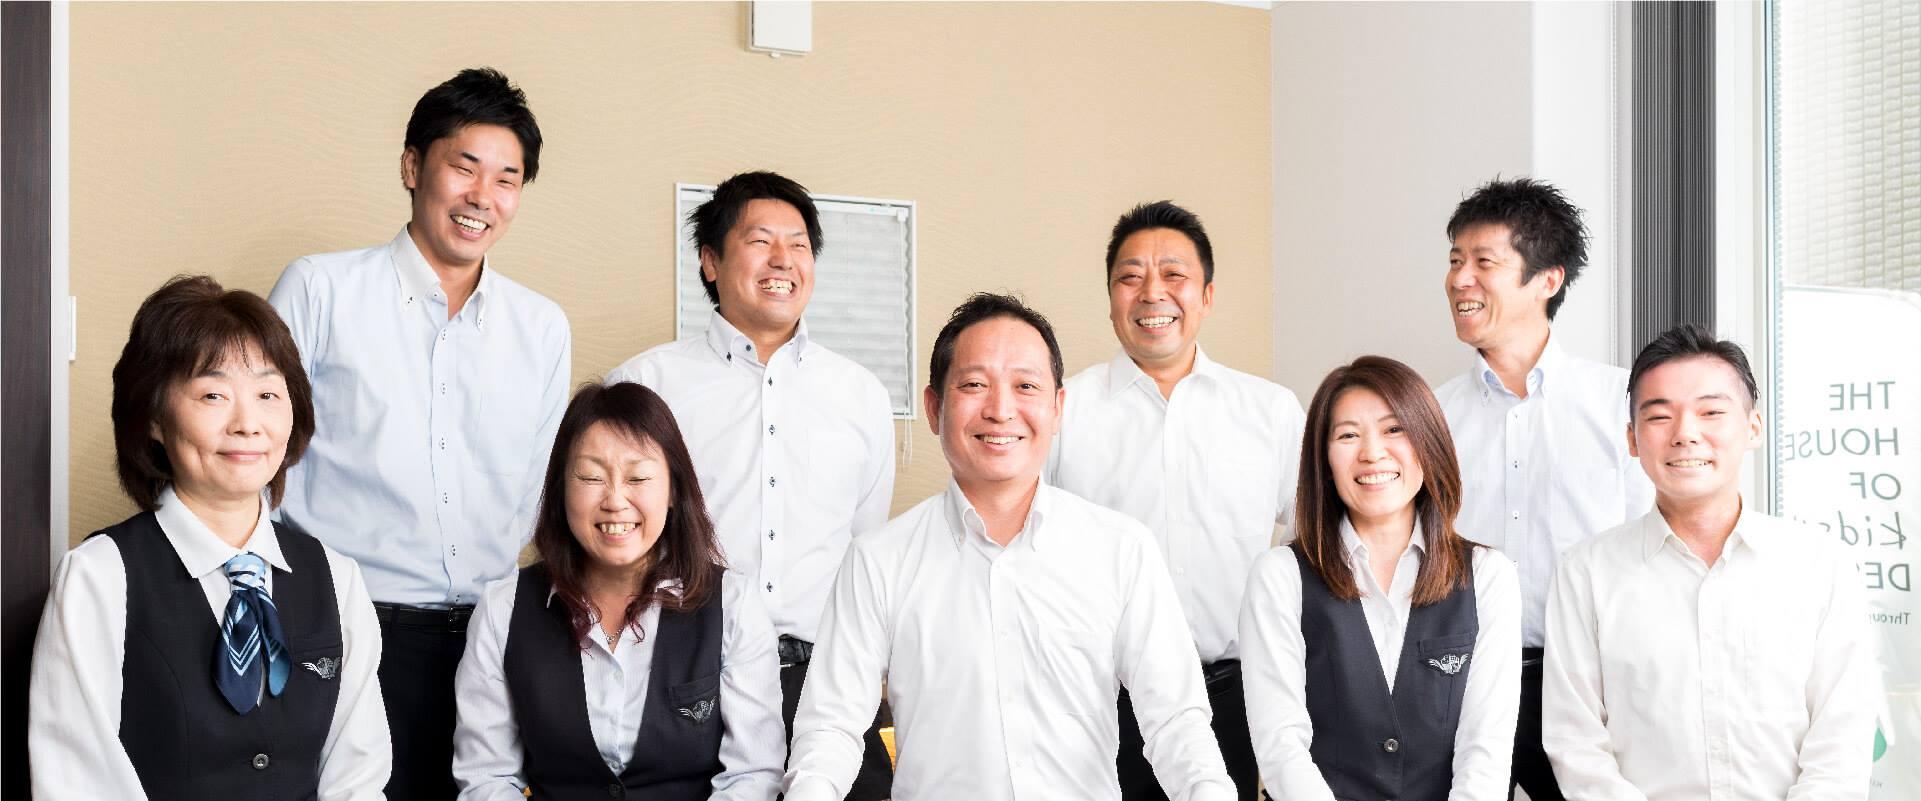 社長と従業員の集合写真